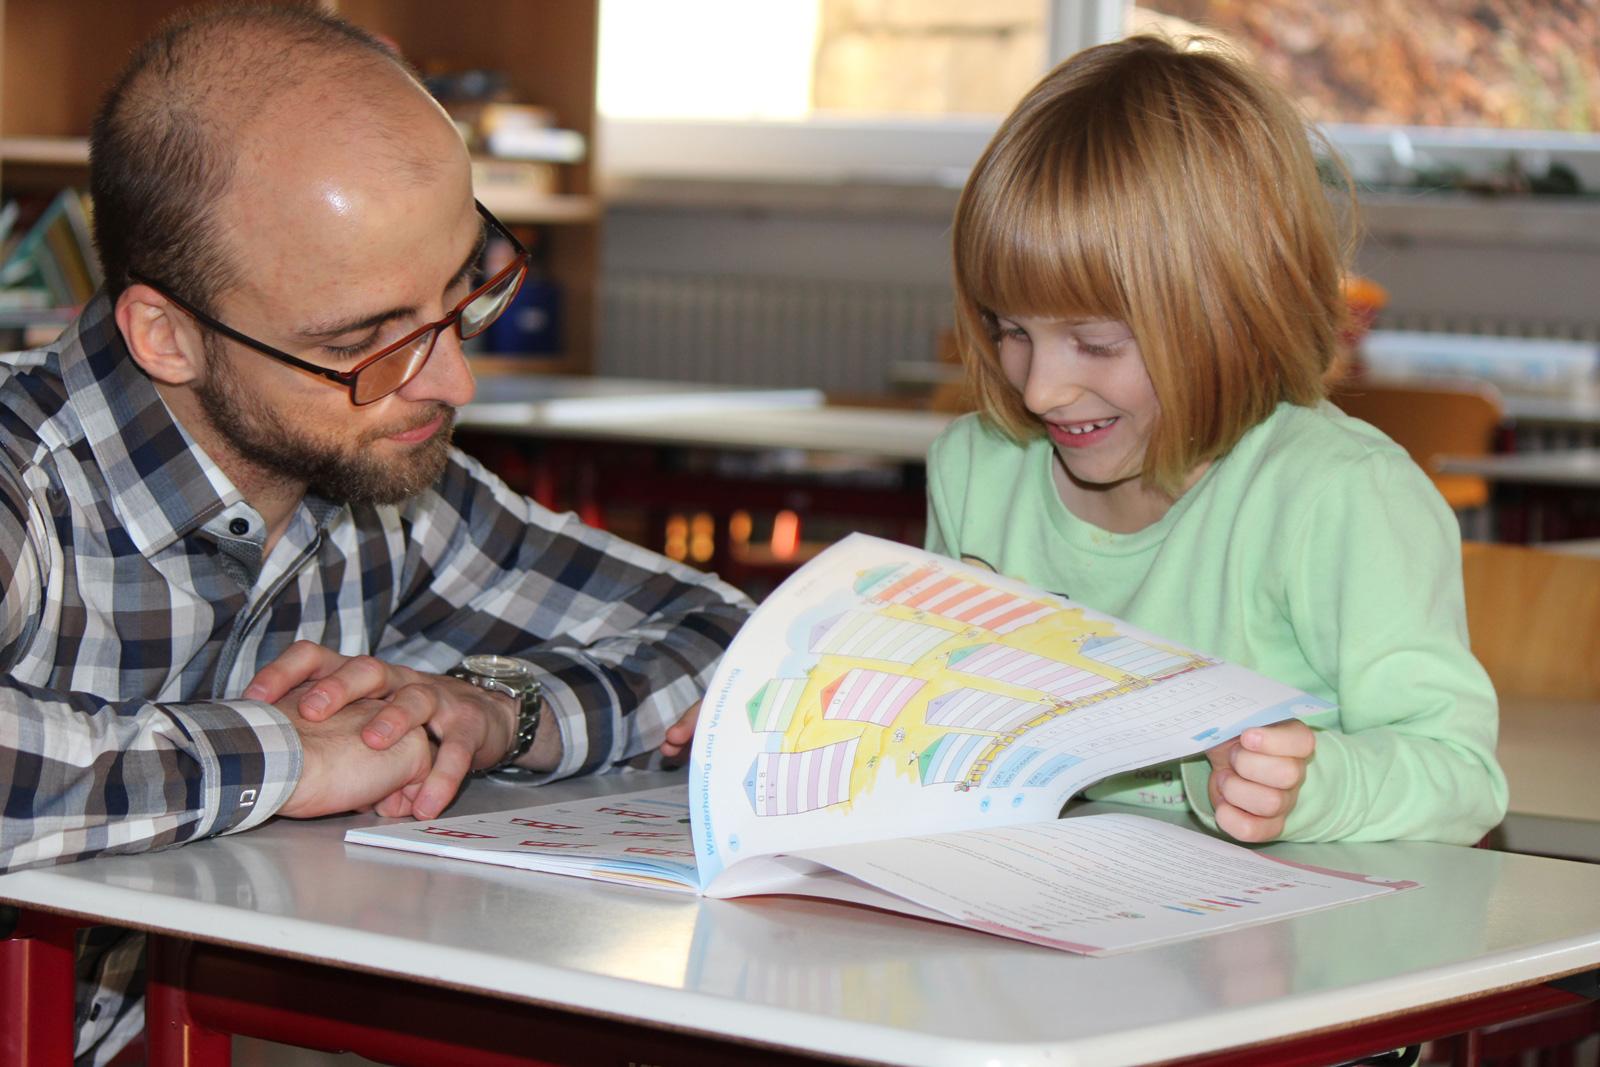 """Stärken stärken – das bringt Erfolg, weiß Schulstarthelfer Philip Minkenberg. Hier unterstützt er die sechsjährige Jolena und zeigt ihr, wie sie mit kleinen Übungseinheiten, ihre Aufgaben schaffen kann. """"Wir haben zusehends bemerkt, dass für Kinder der Ü"""